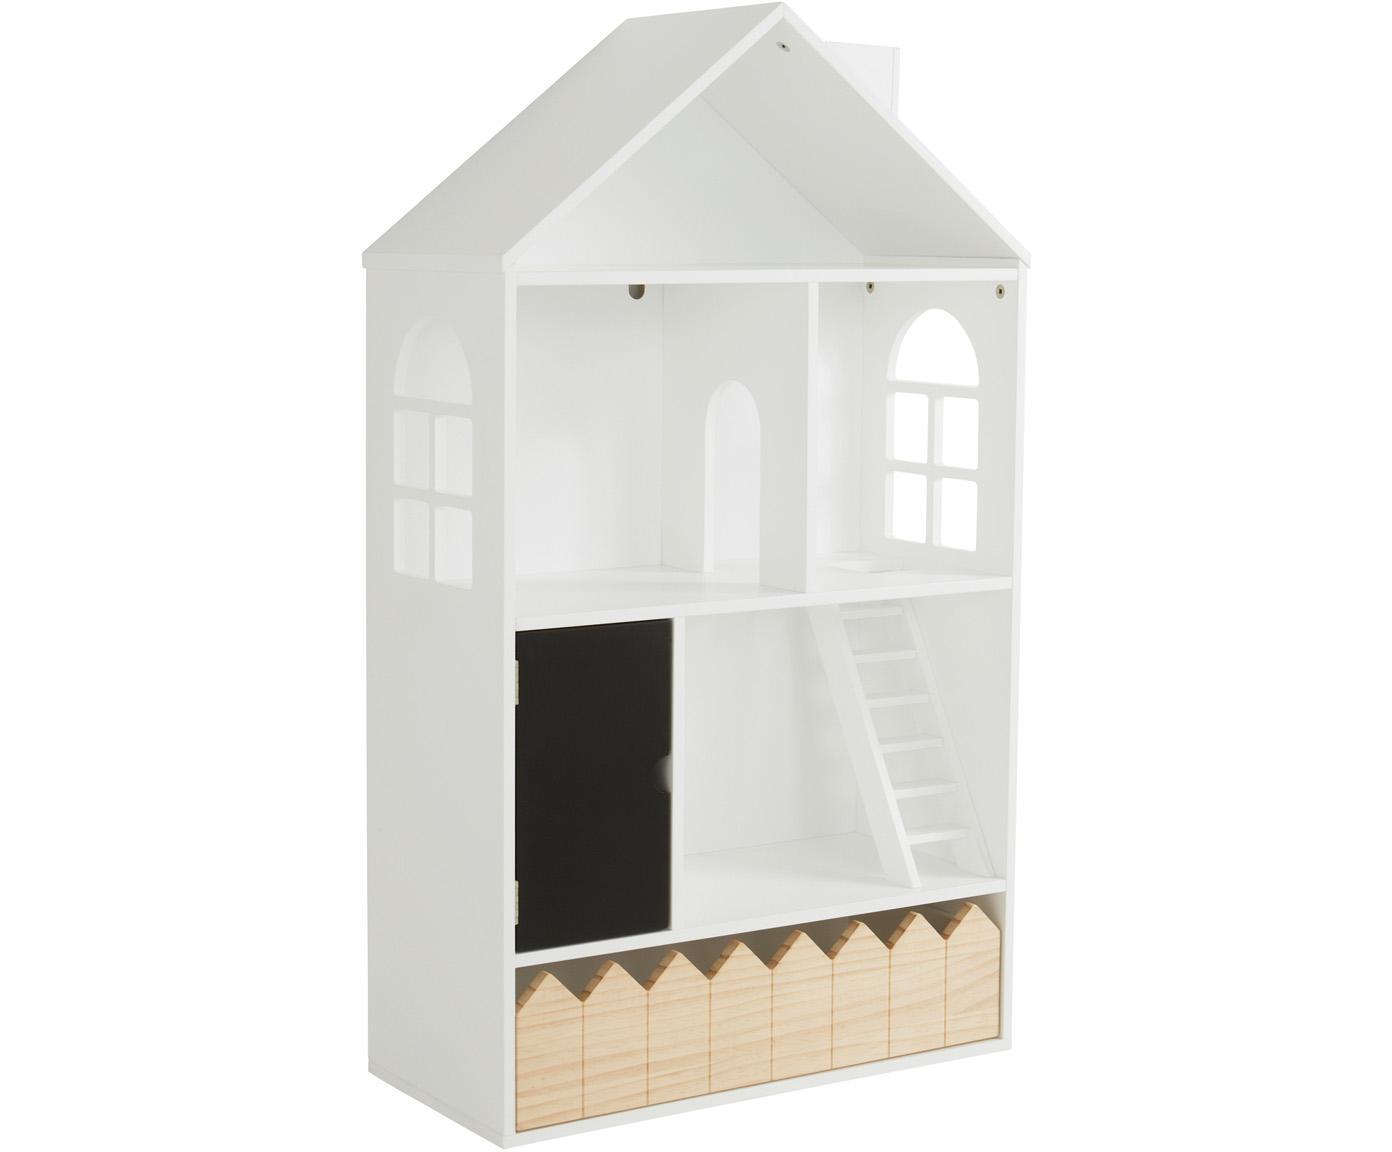 Zabawkowy domek dla lalek Mi Casa Su Casa, Drewno sosnowe, płyta pilśniowa średniej gęstości (MDF), Biały, czarny, S 61 x W 106 cm